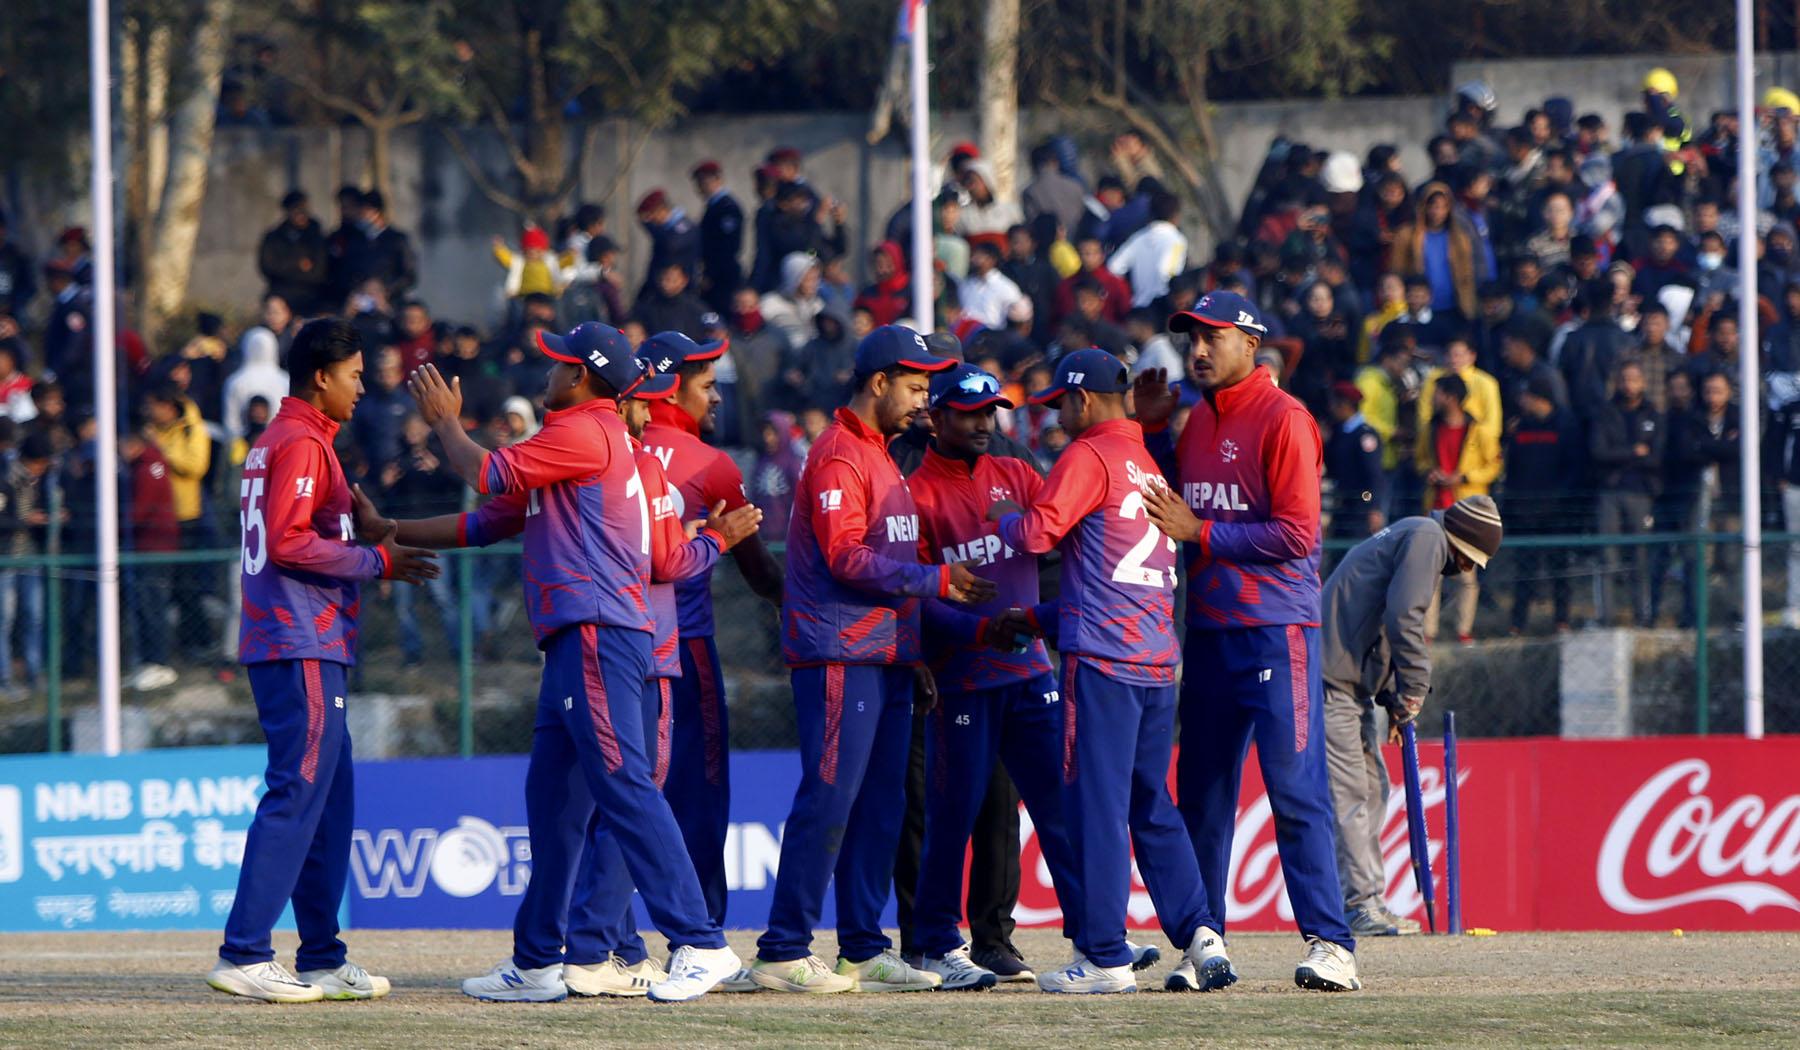 नेपाल आईसीसीको टी-२० वरियताको यथावत स्थानमा